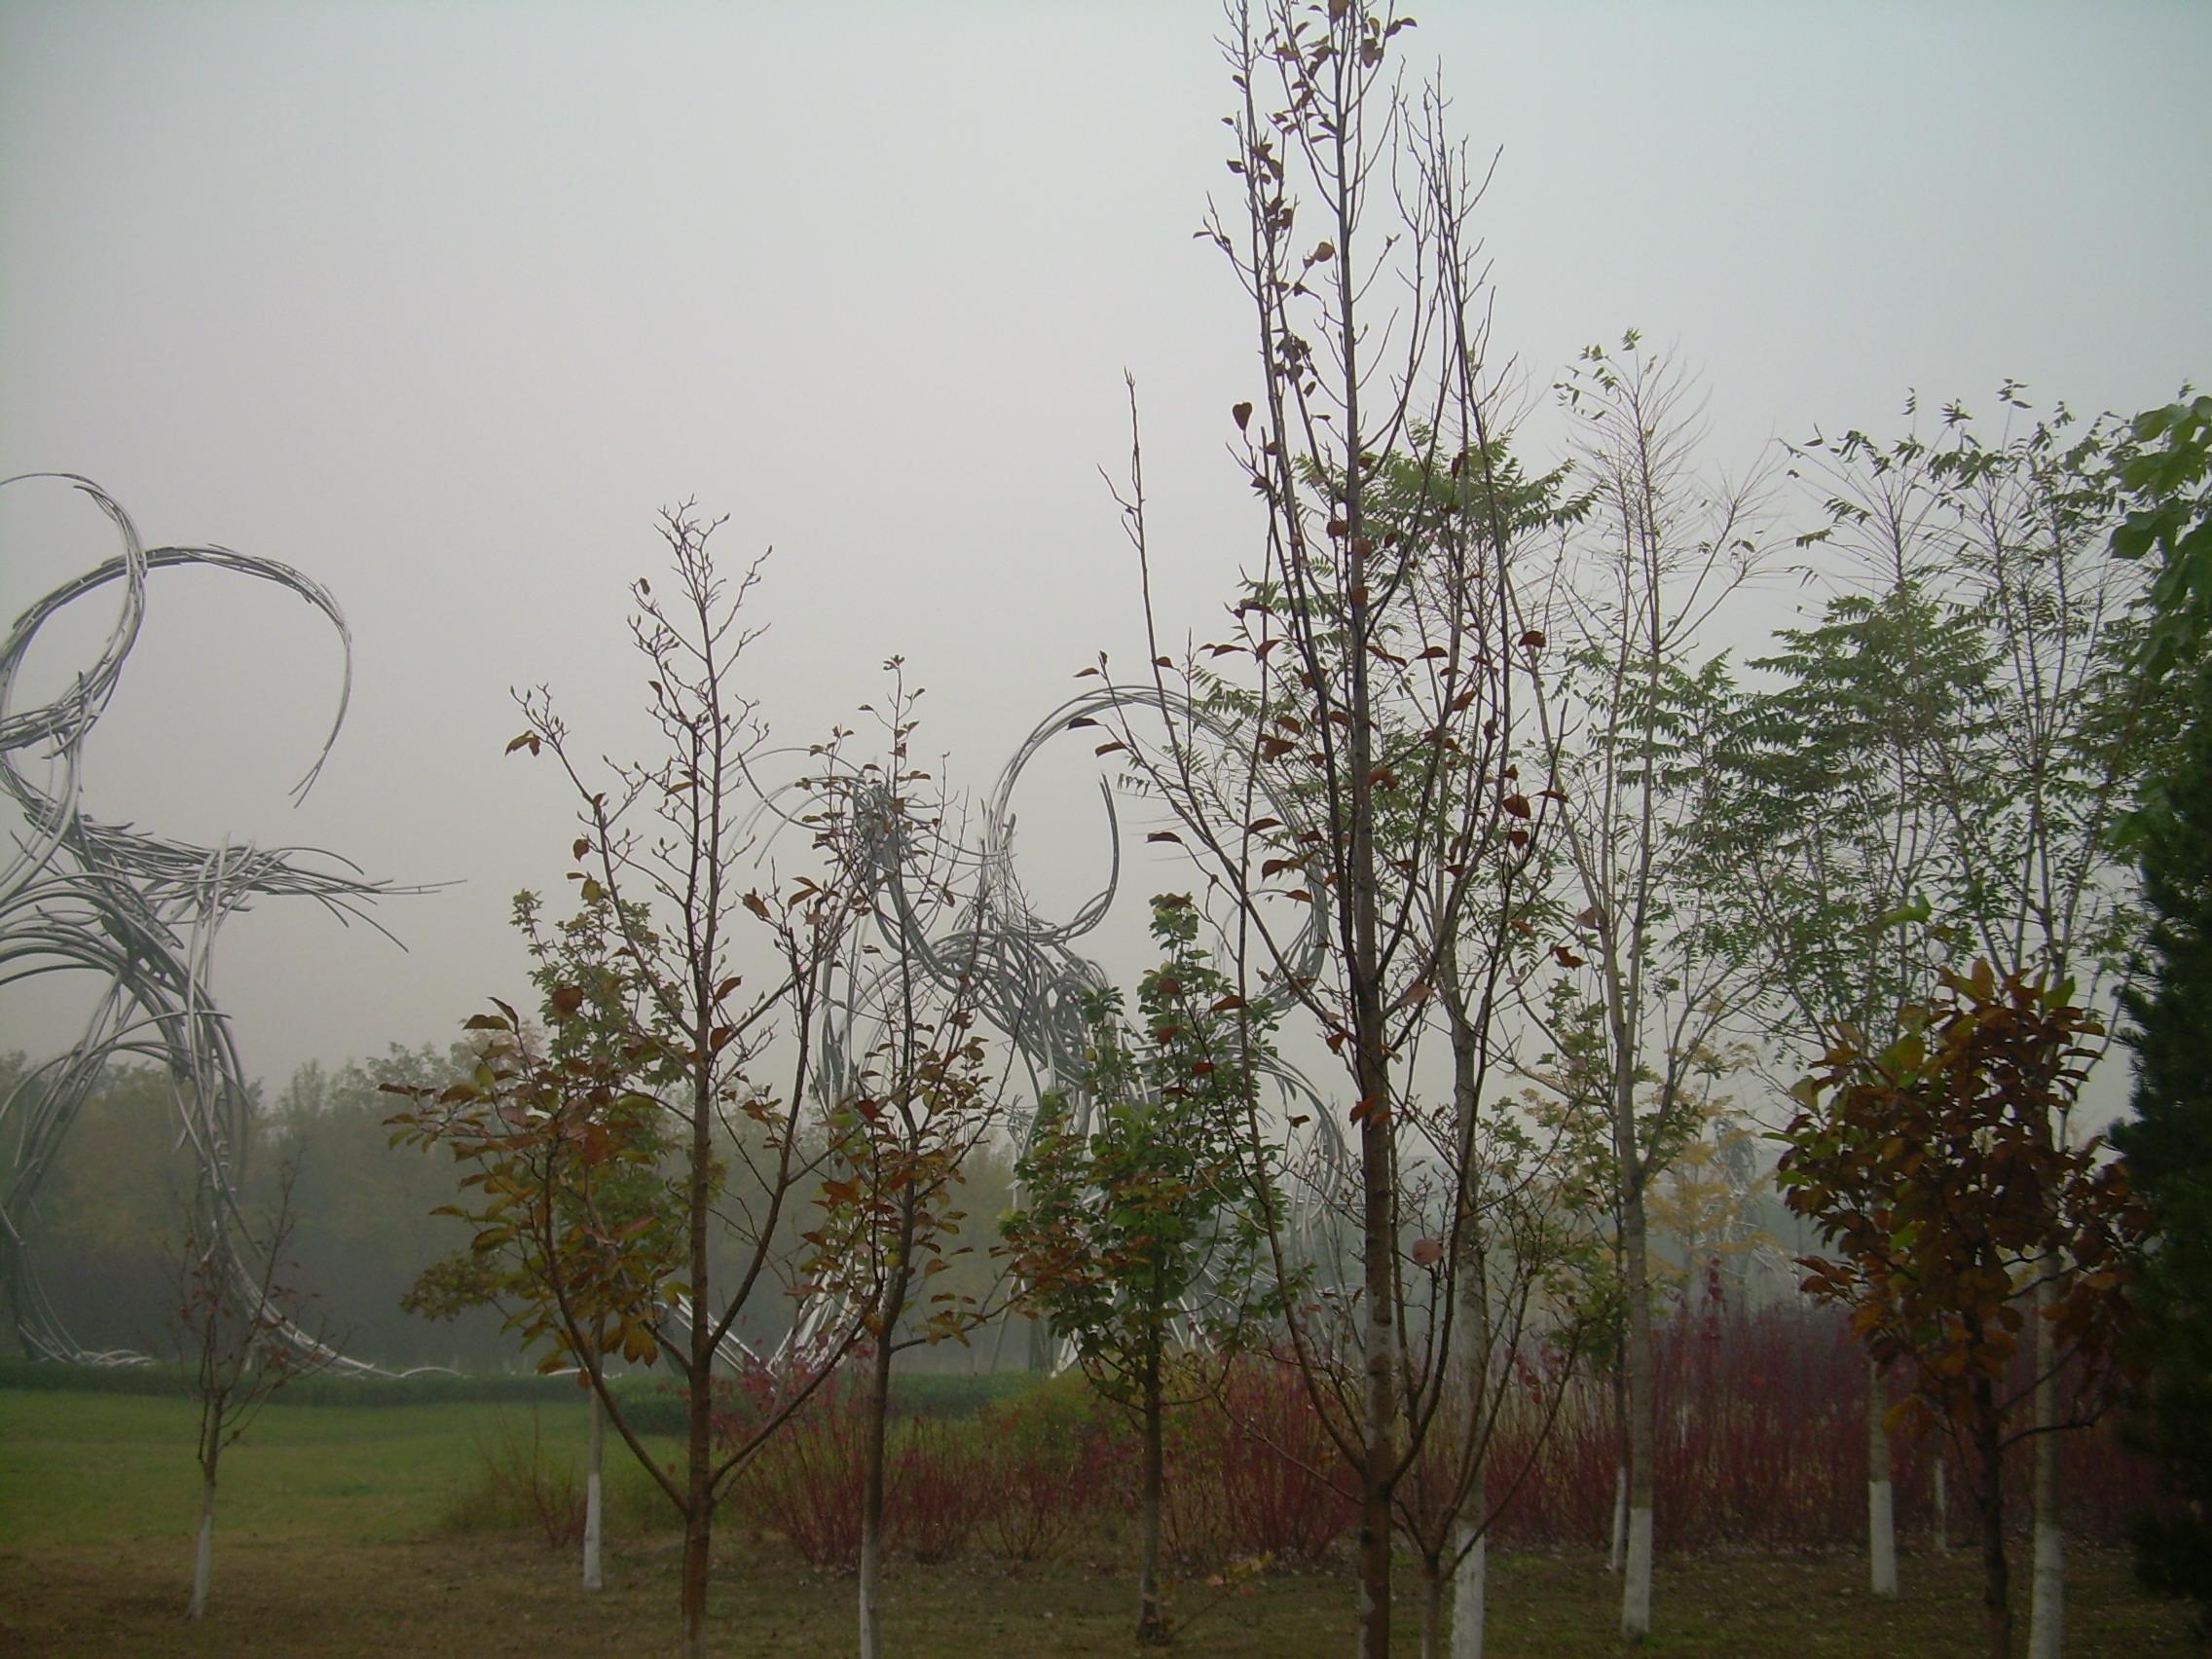 除了金黄的银杏,杨树,梧桐树的叶子都由碧绿变成了斑斓的色彩.